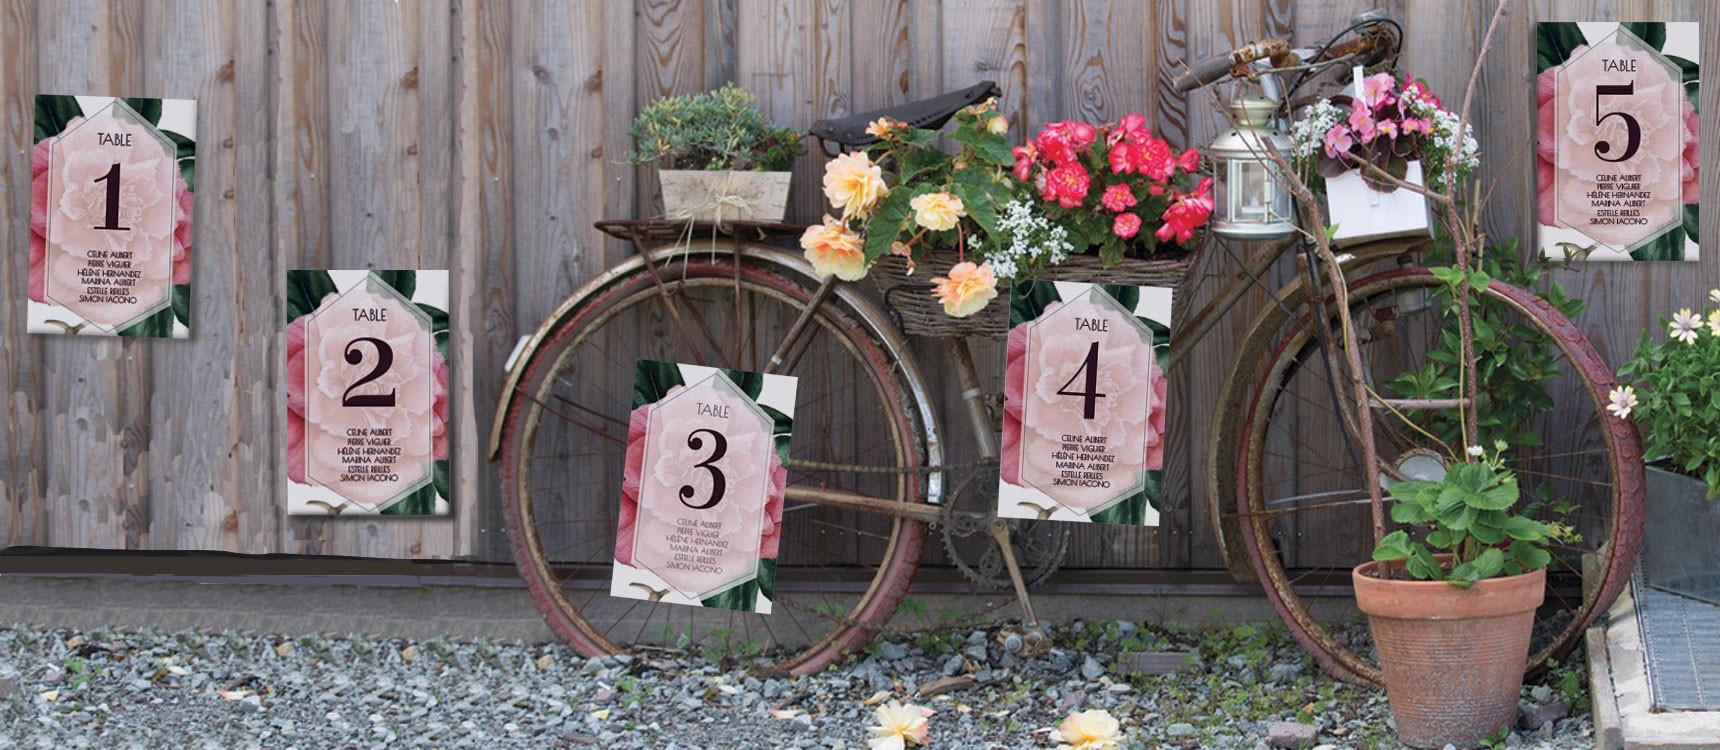 plan de table cam lia id al pour un mariage champ tre et. Black Bedroom Furniture Sets. Home Design Ideas